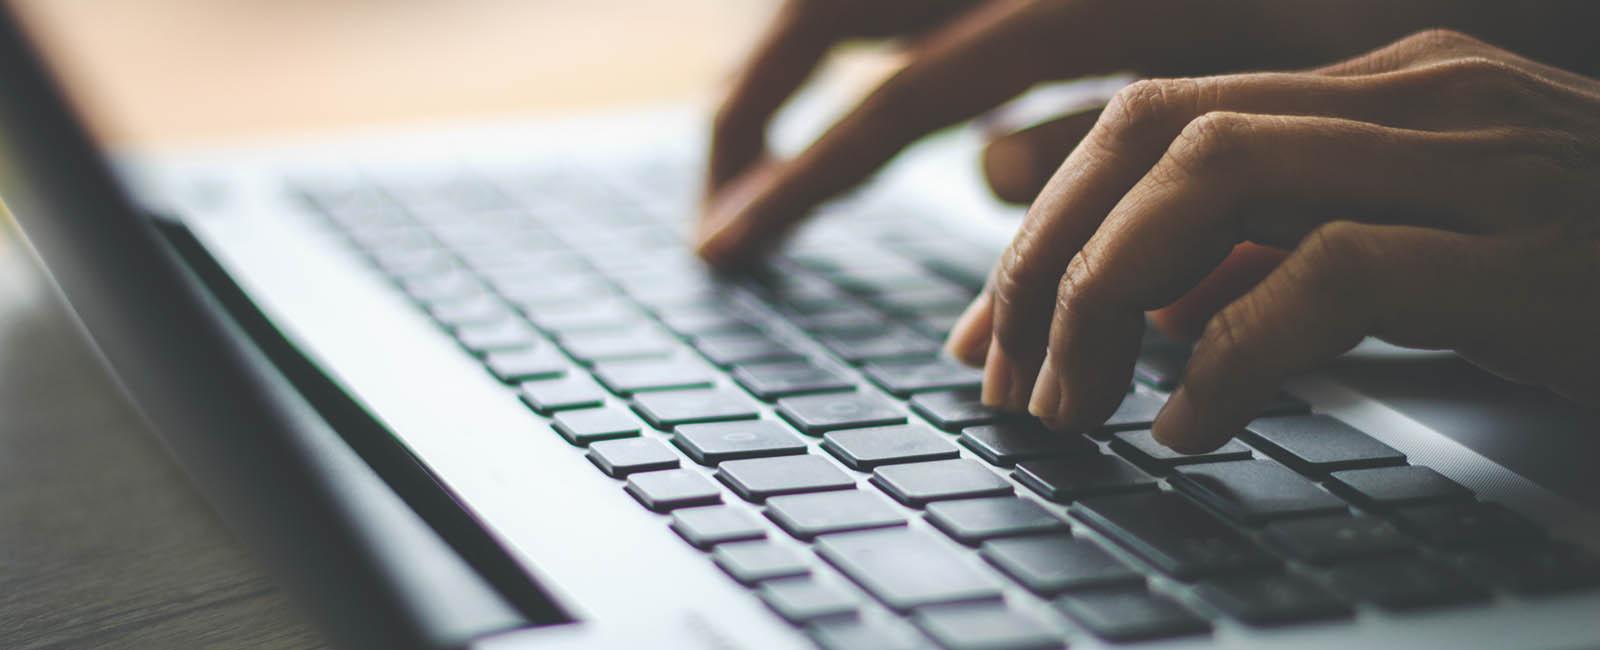 best-network-technology-blogs-1